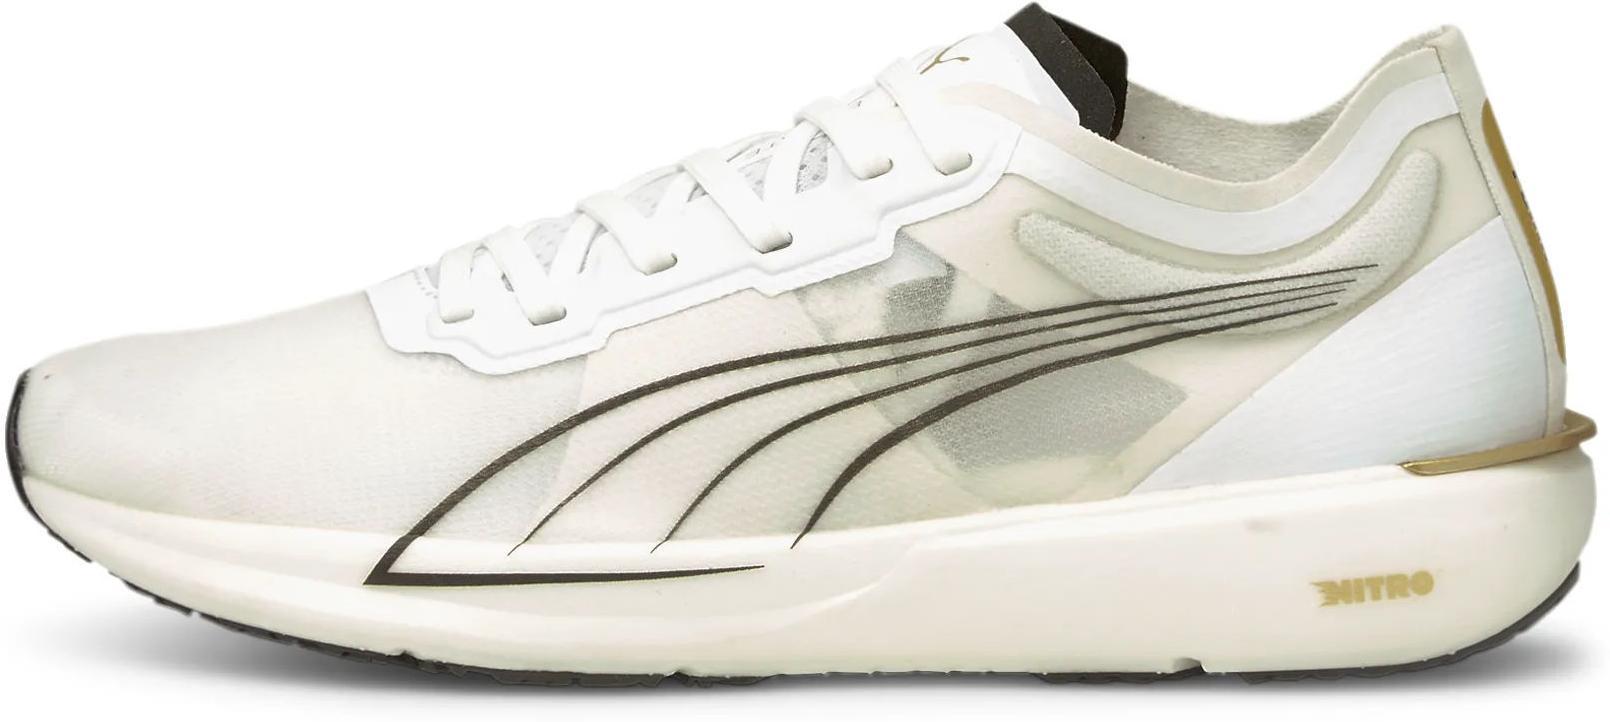 Zapatillas de running Puma Liberate Nitro Wns